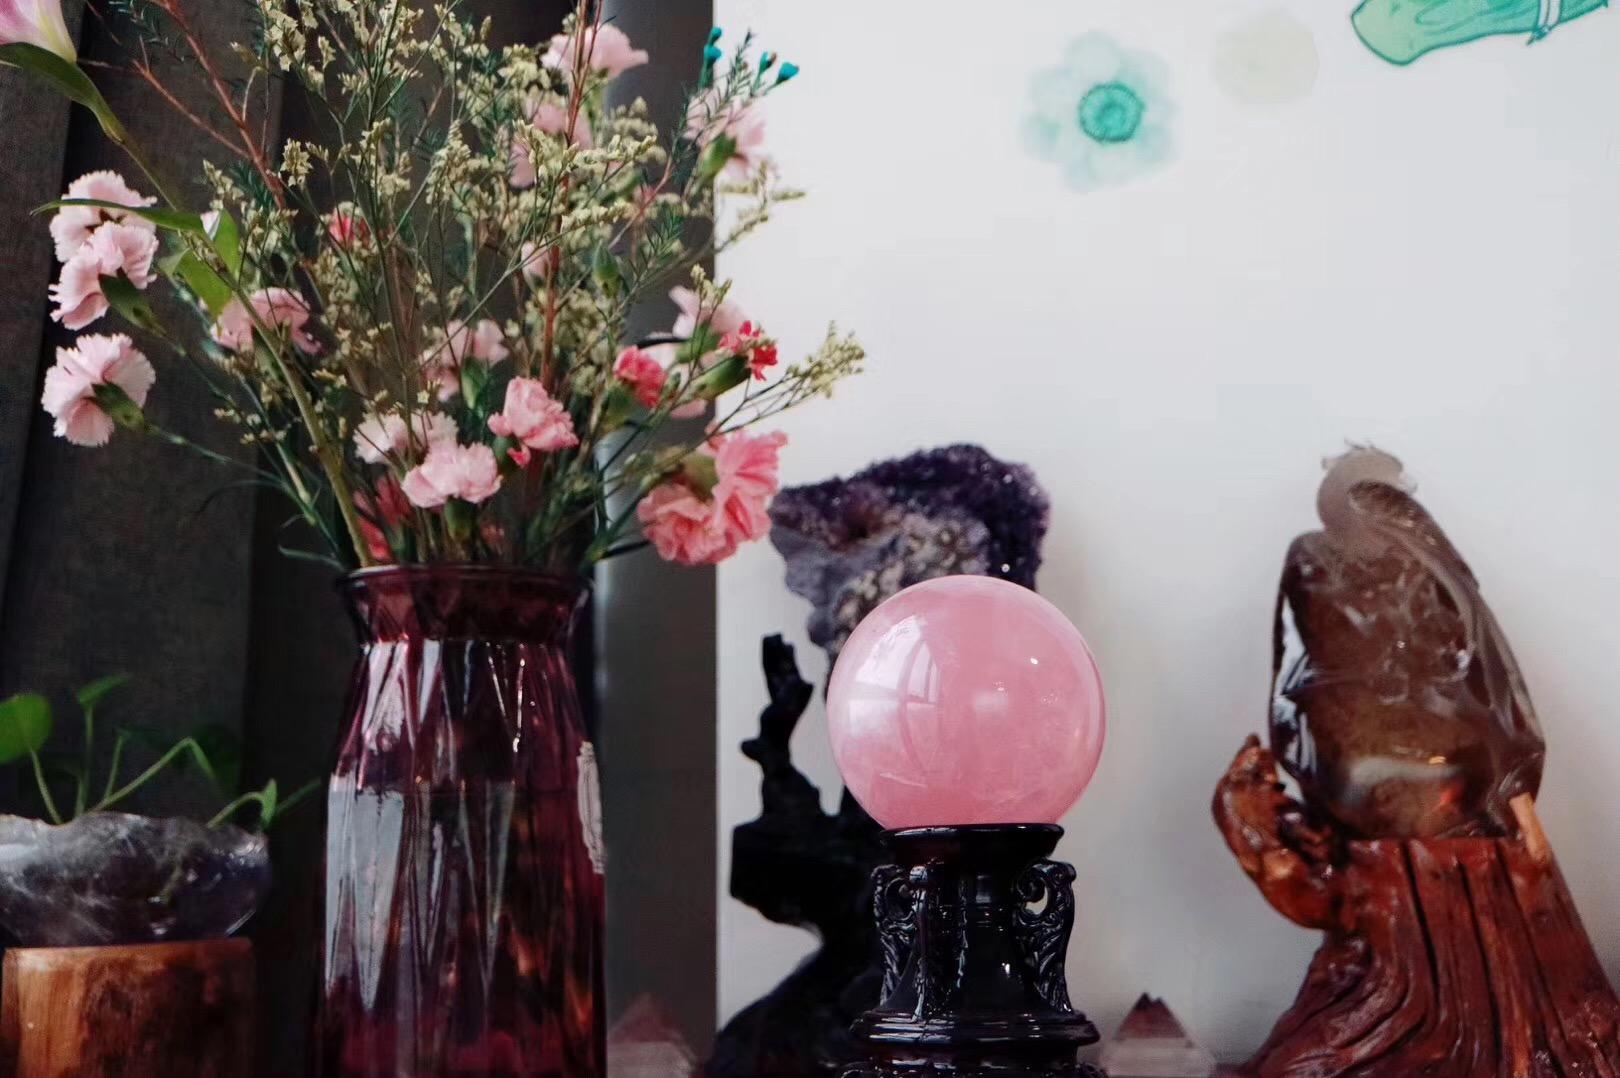 【🌟粉晶球 | 菩心】只愿每一天都温柔的爱的磁场温暖着~-菩心晶舍